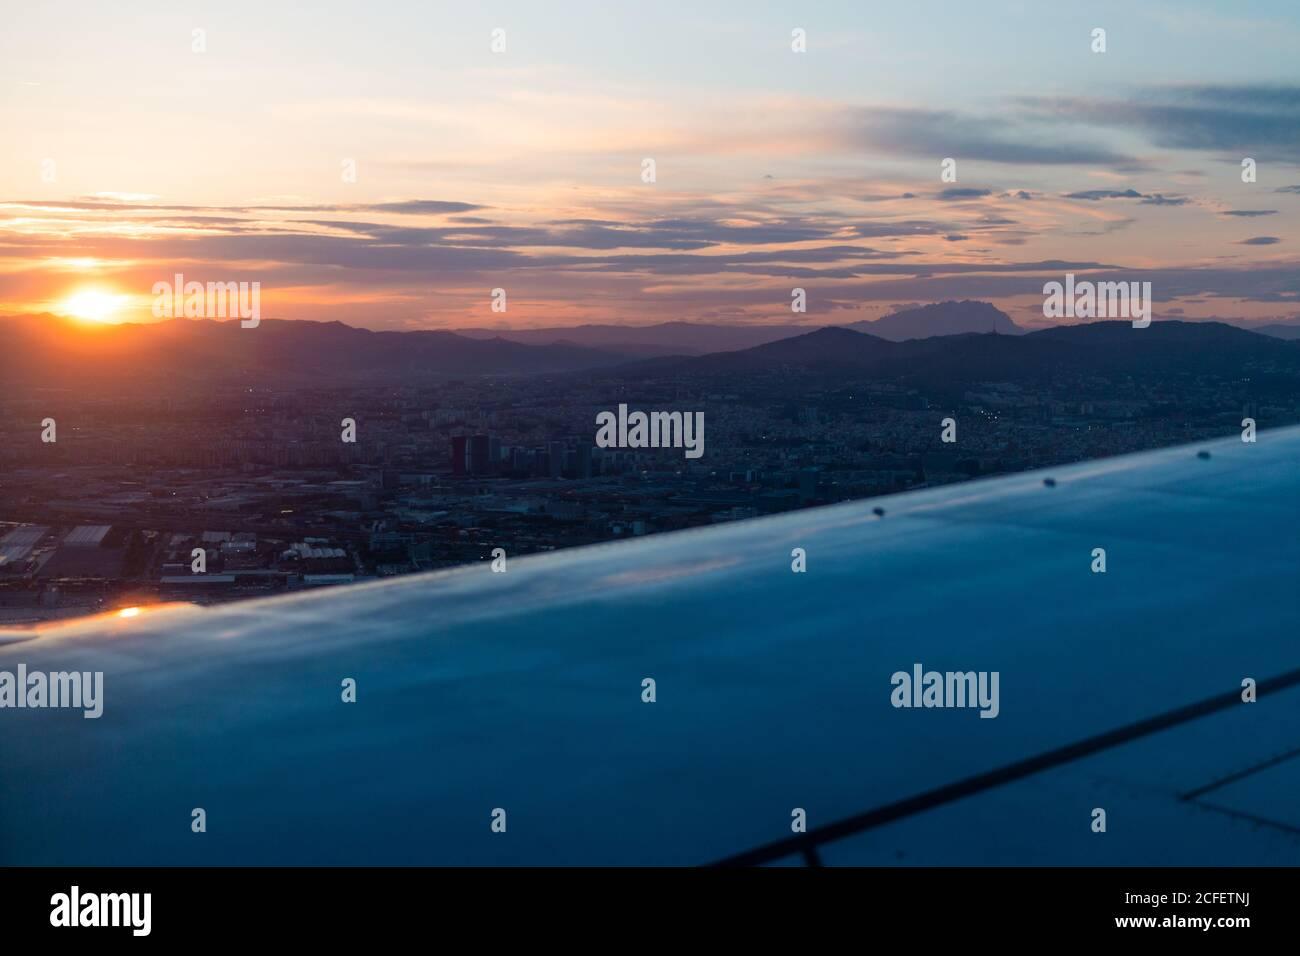 Vista dalla finestra dell'ala di un moderno aeromobile che sorvola dense nuvole durante il tramonto Foto Stock